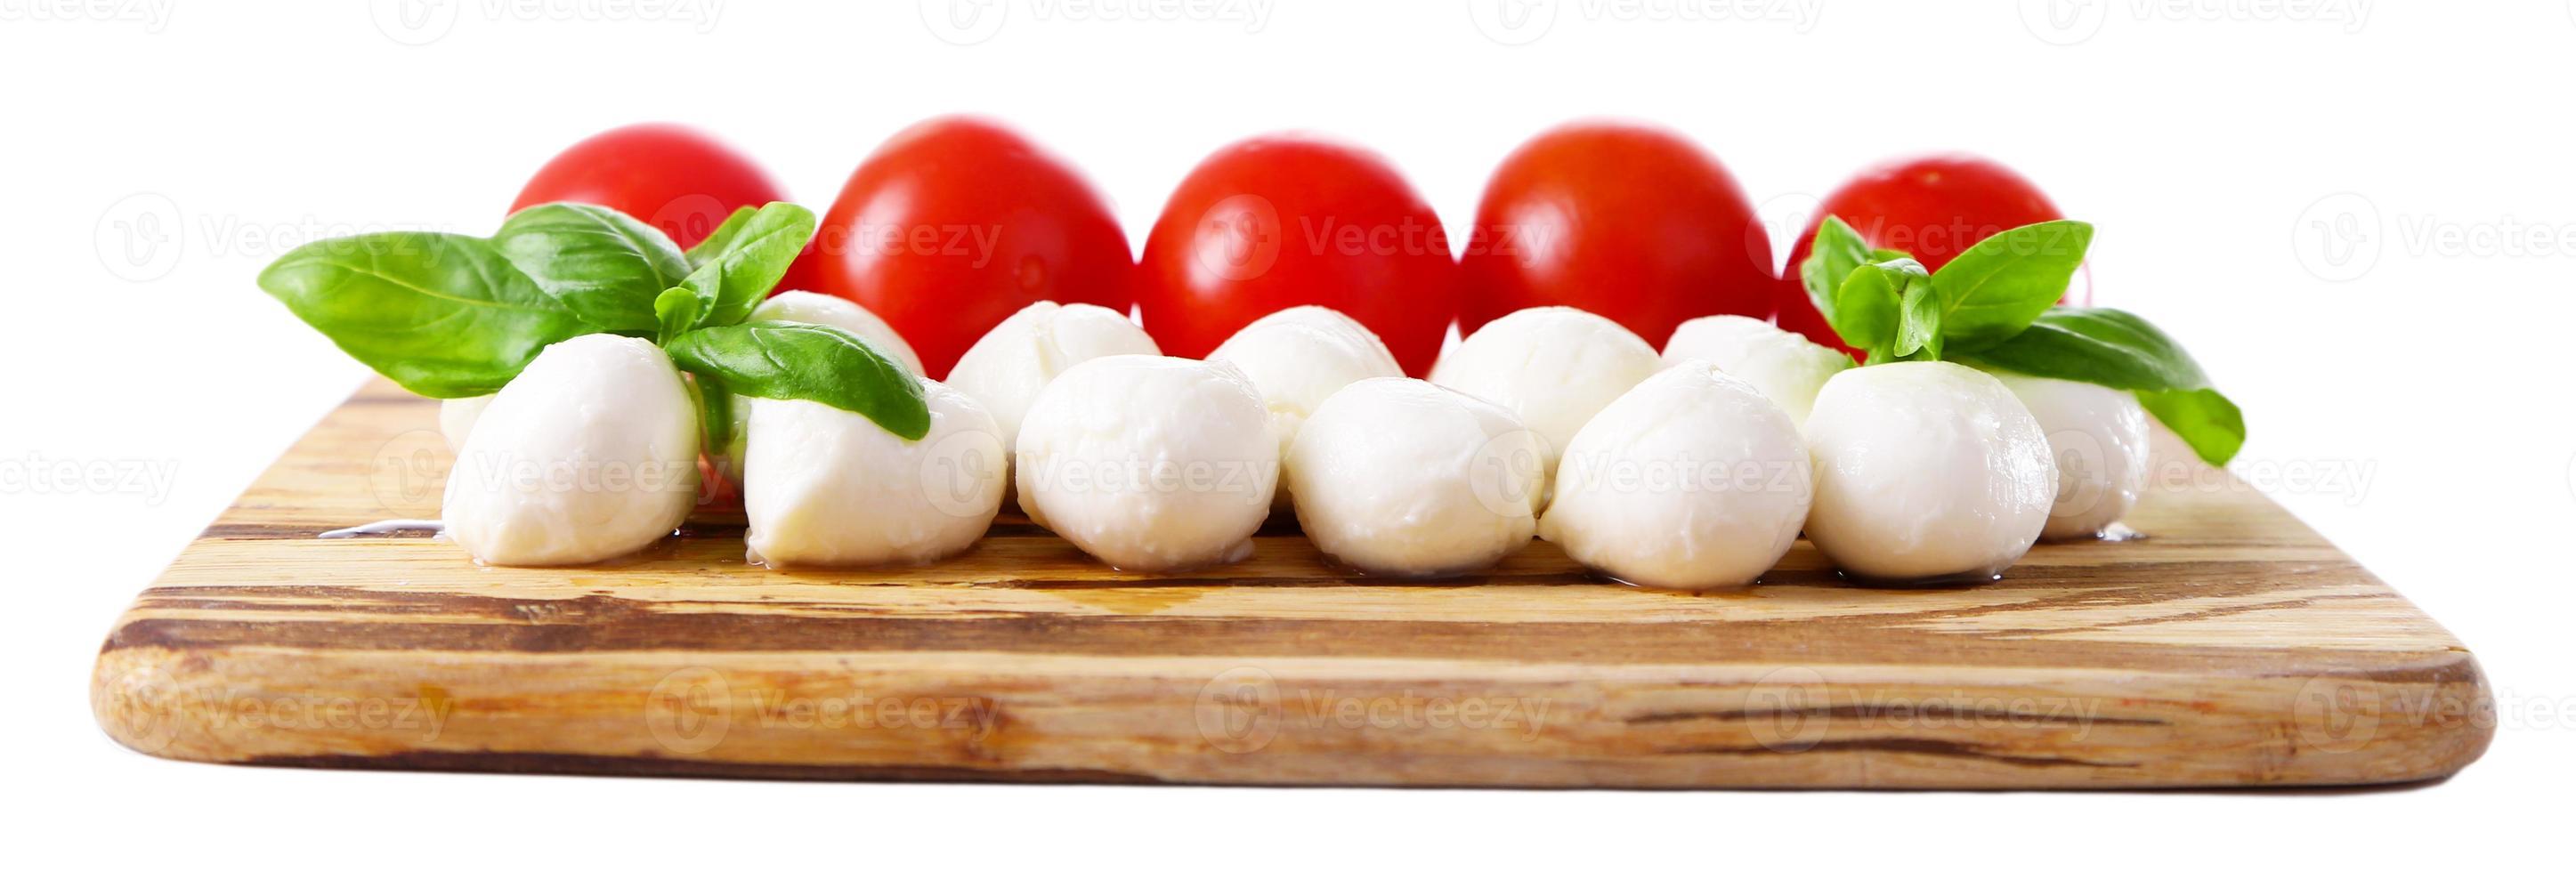 smakelijke mozzarella kaasballetjes met basilicum en rode tomaten foto